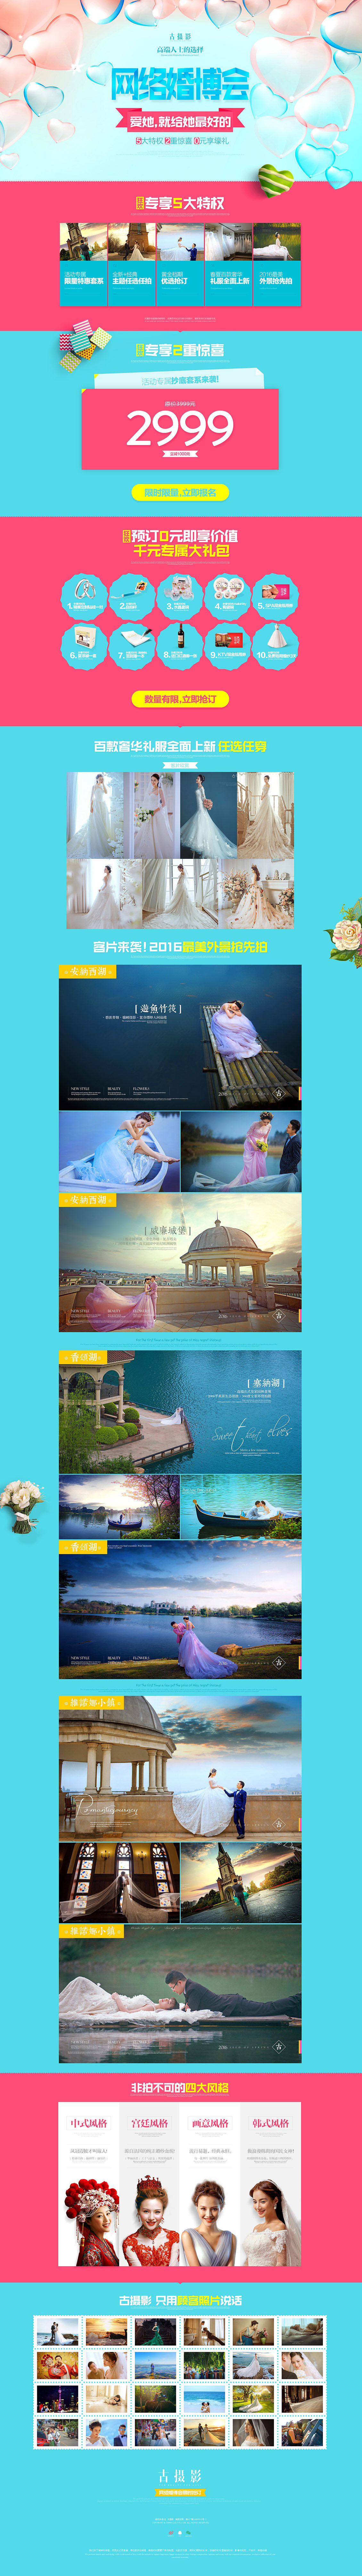 古摄影婚纱摄影活动专题网页设计